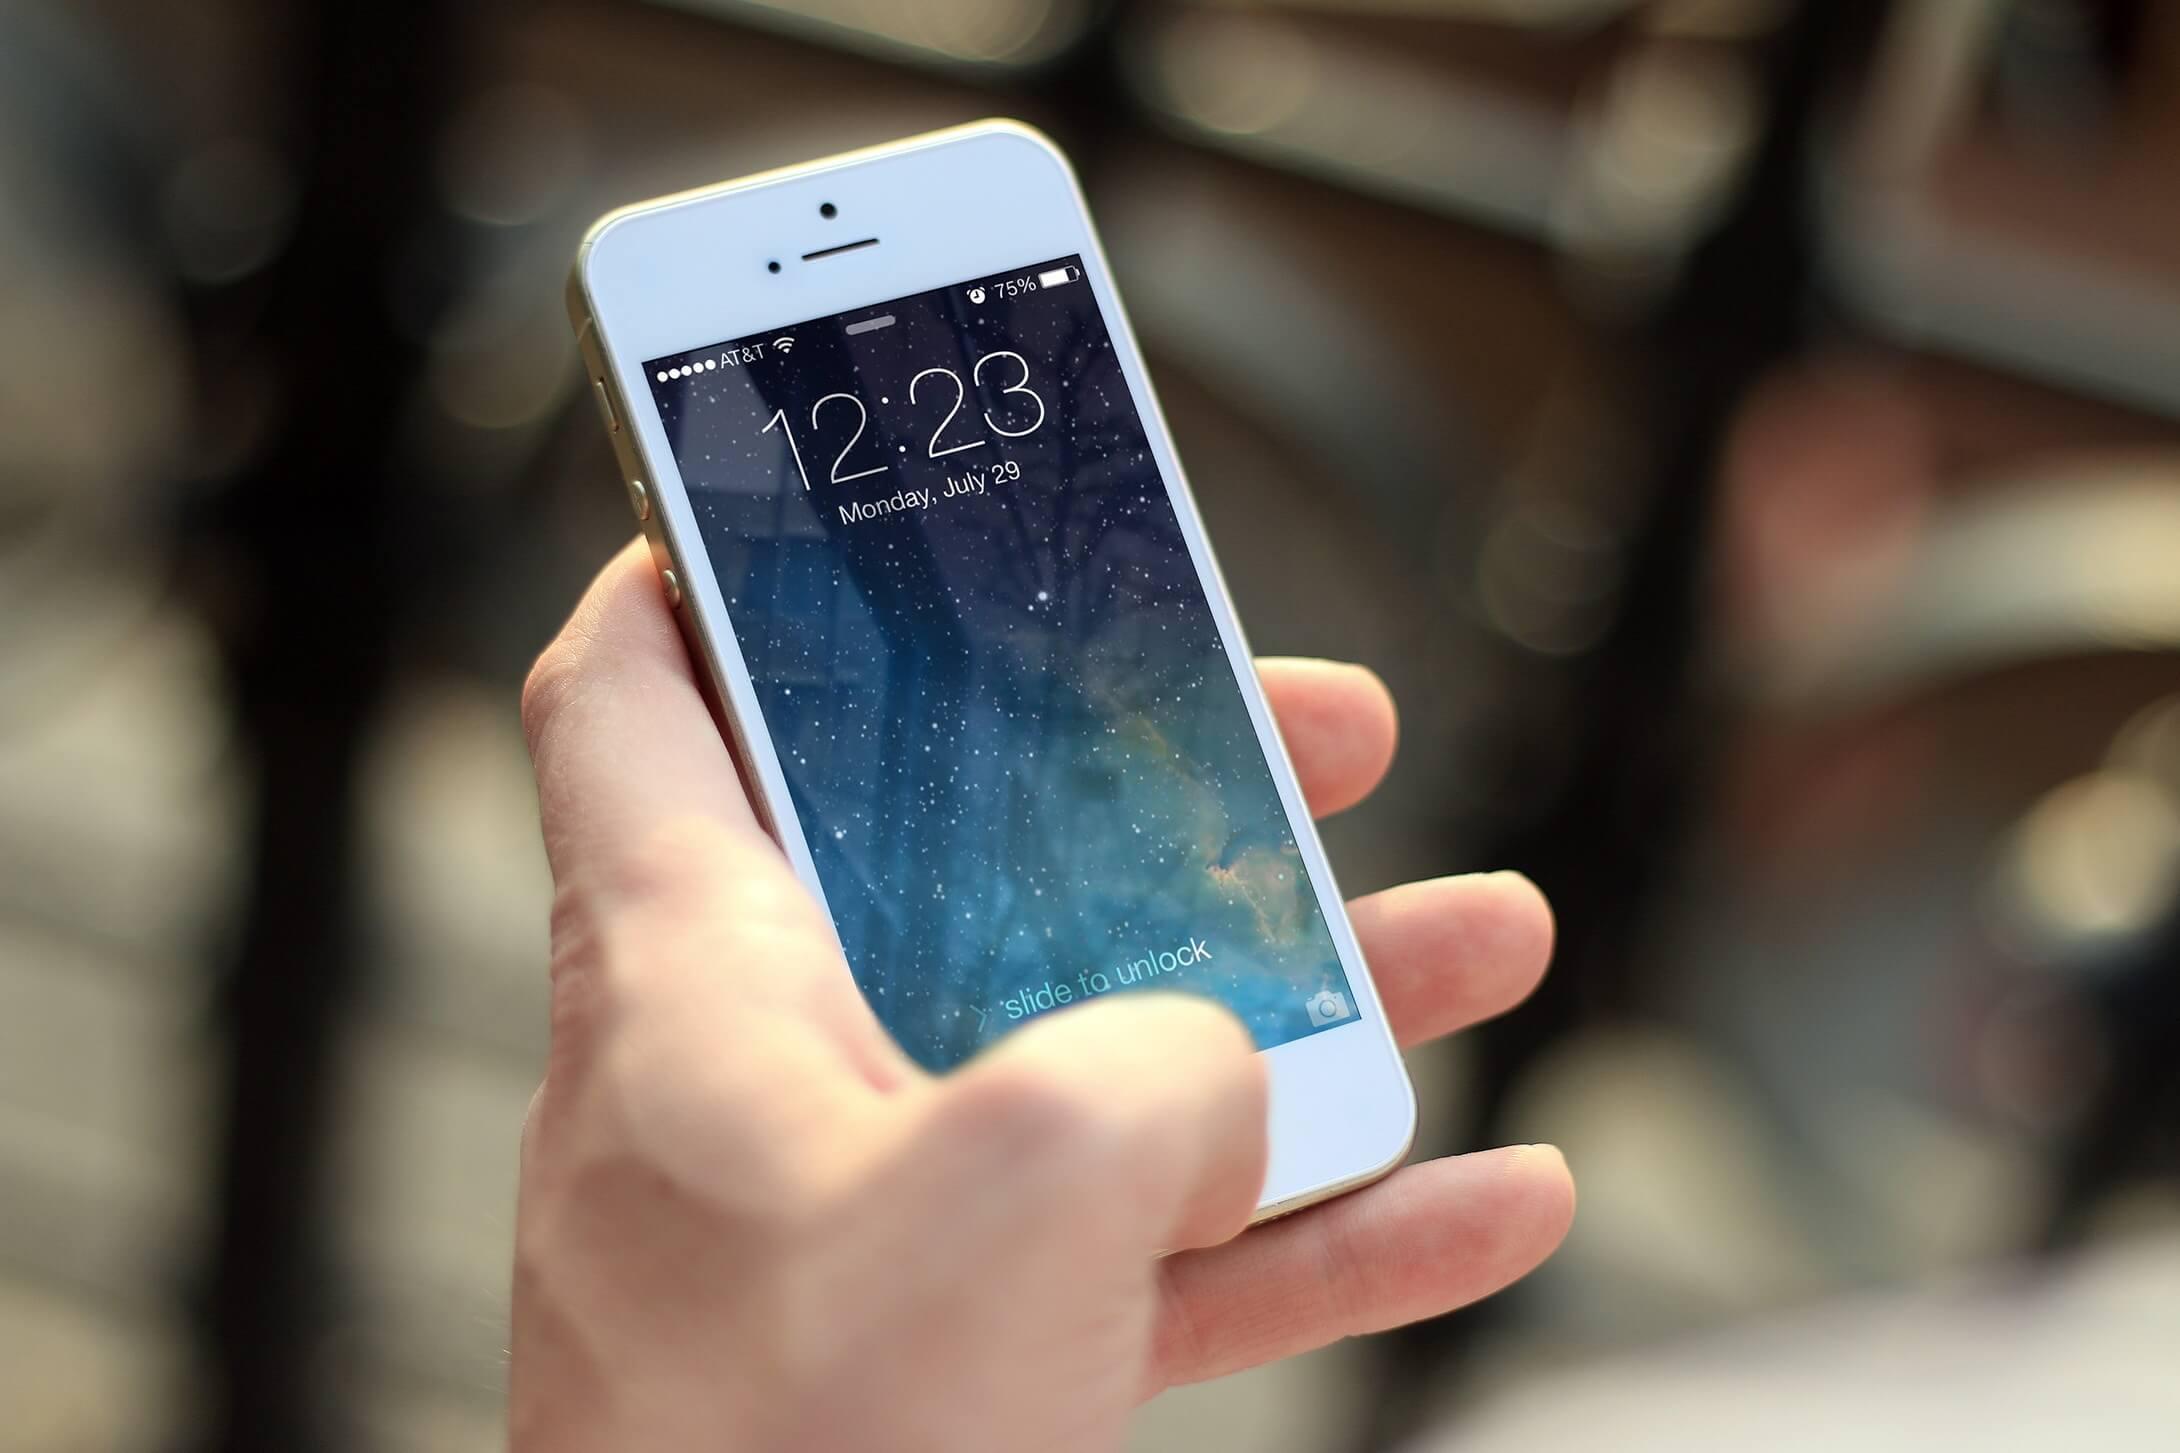 5 lucruri pe care NU stiai ca le poti face cu iPhone-ul tau